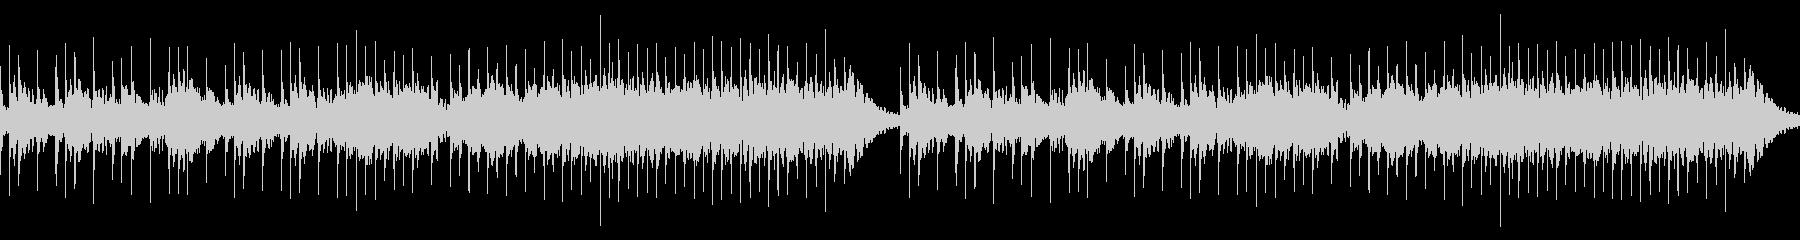 冬のフィールドBGM ループの未再生の波形